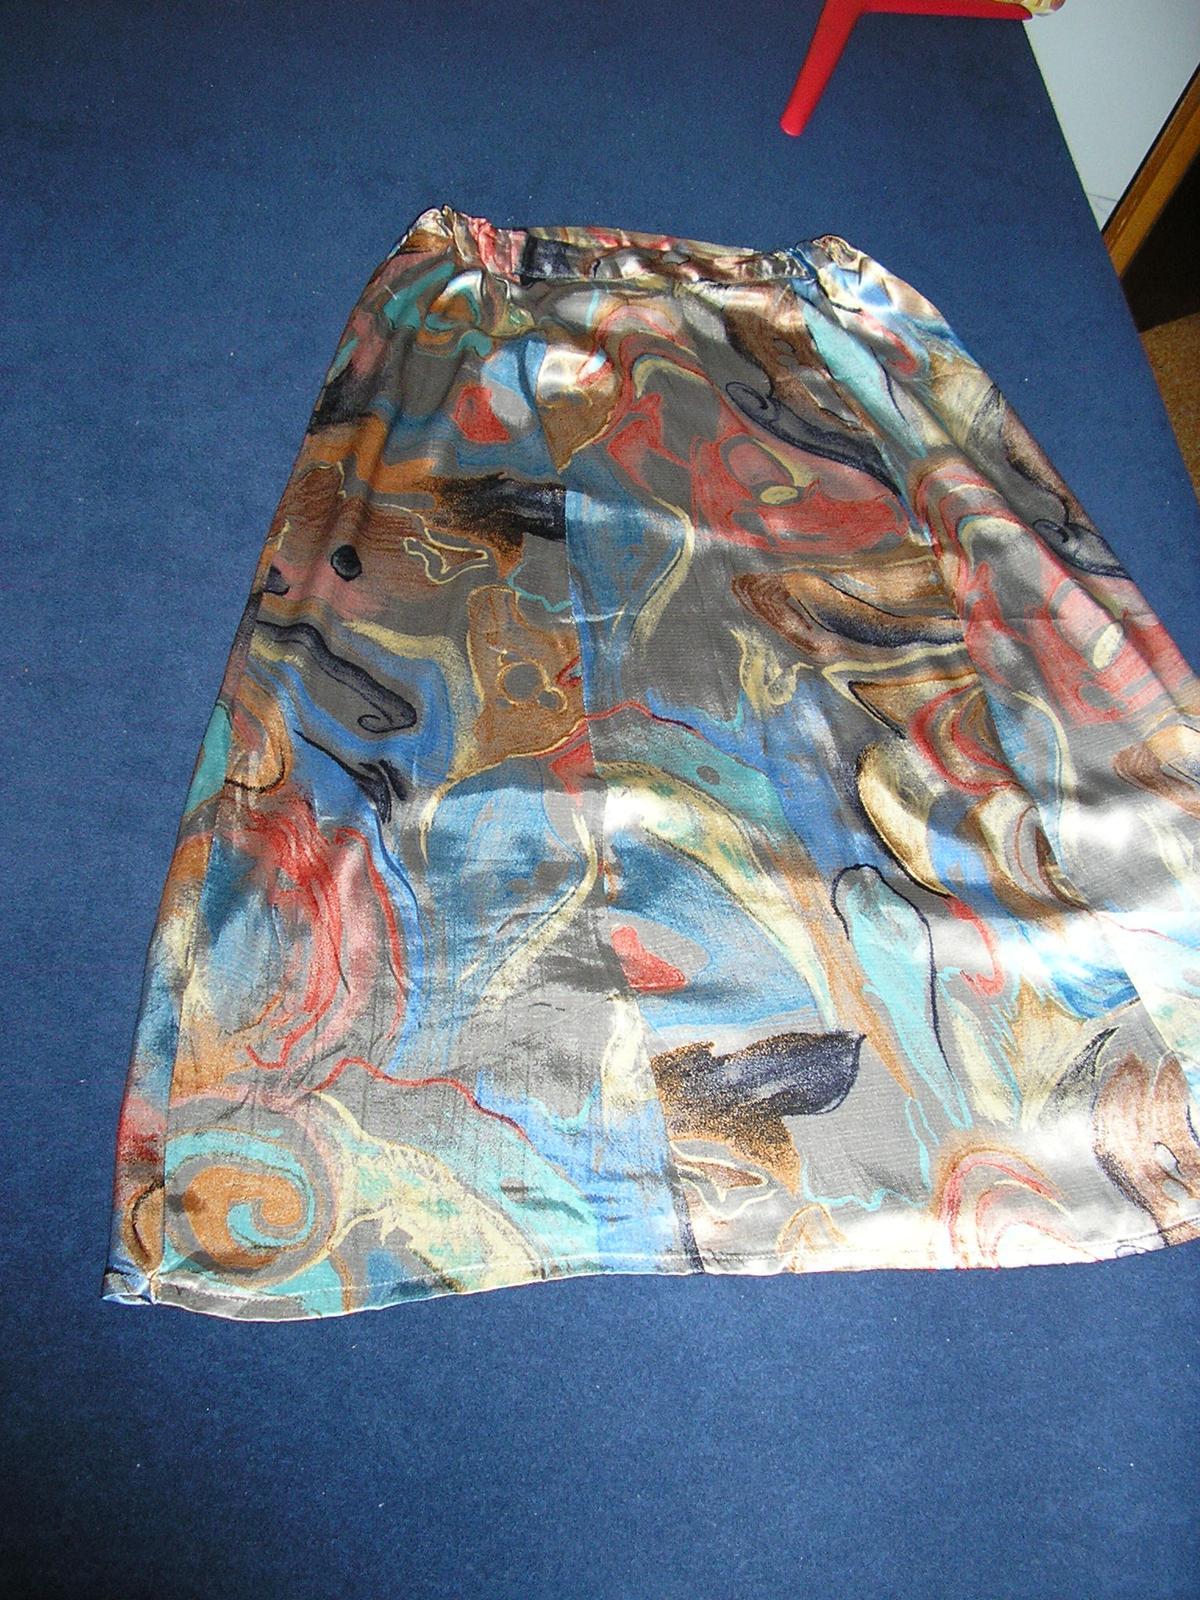 62 Saténová sukňa s moderným vzorom  - Obrázok č. 1